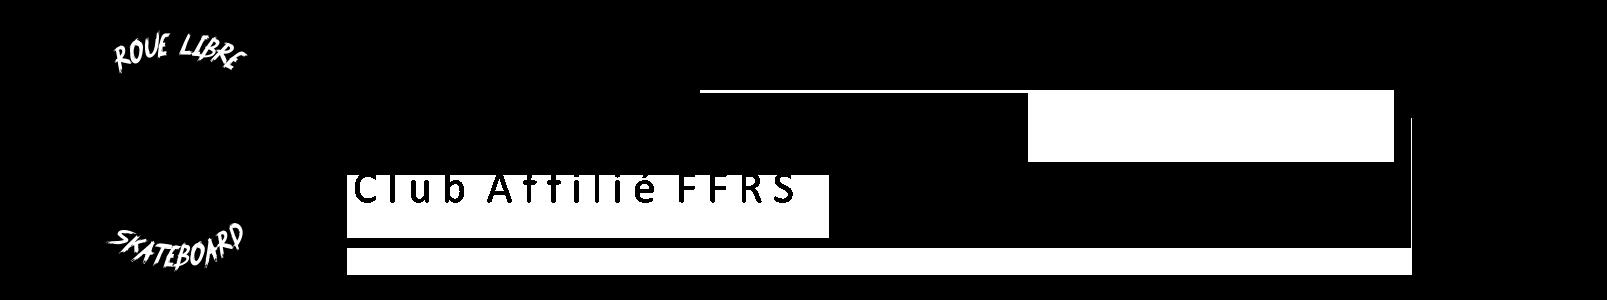 rouelibre-skateboard